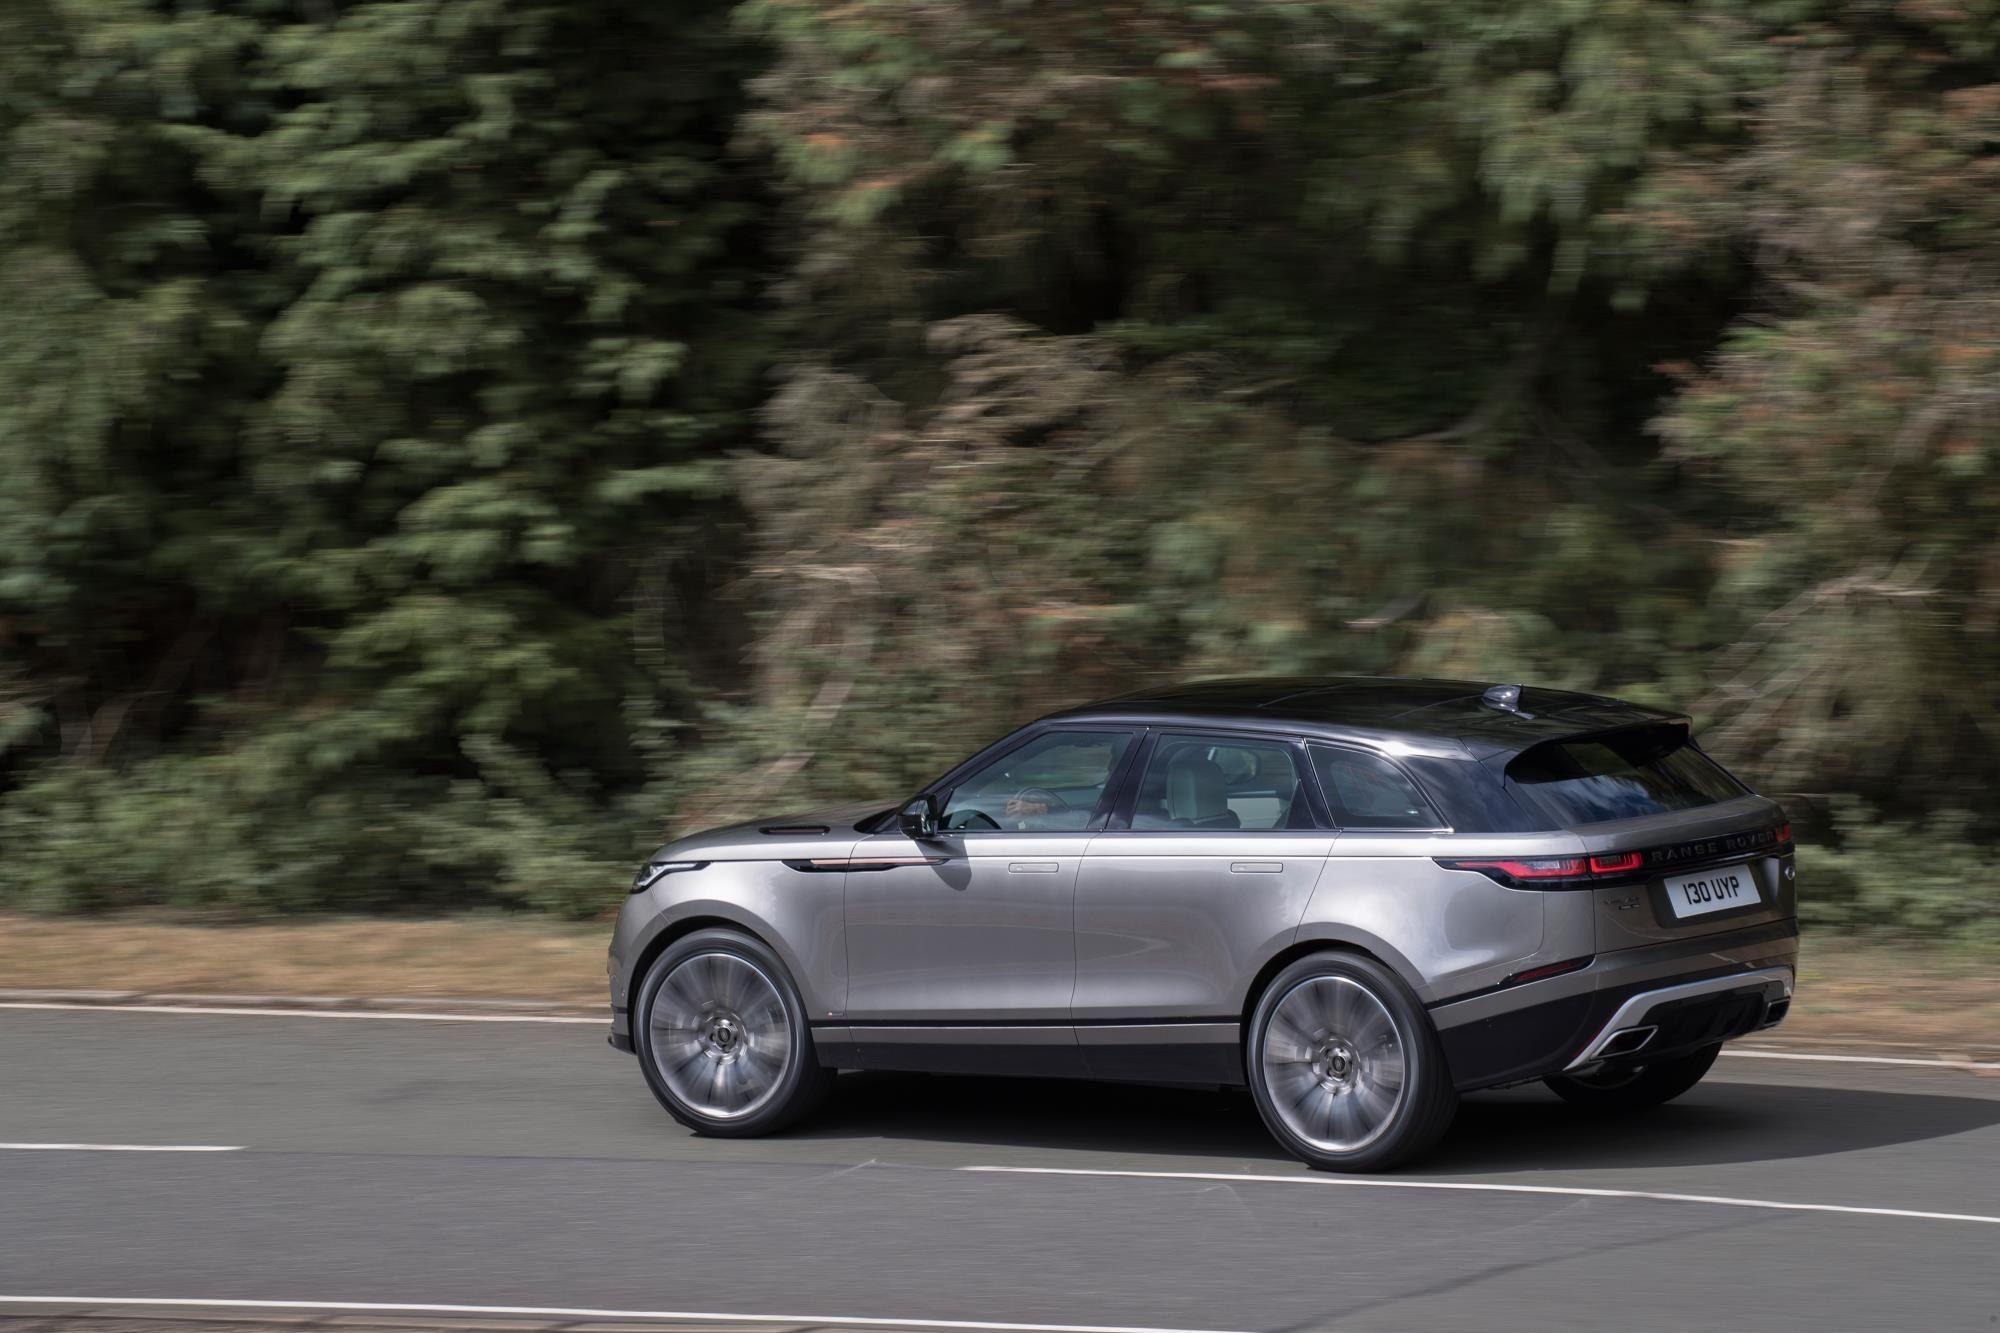 Best 2020 Range Rover Velar Svr Concept Range rover